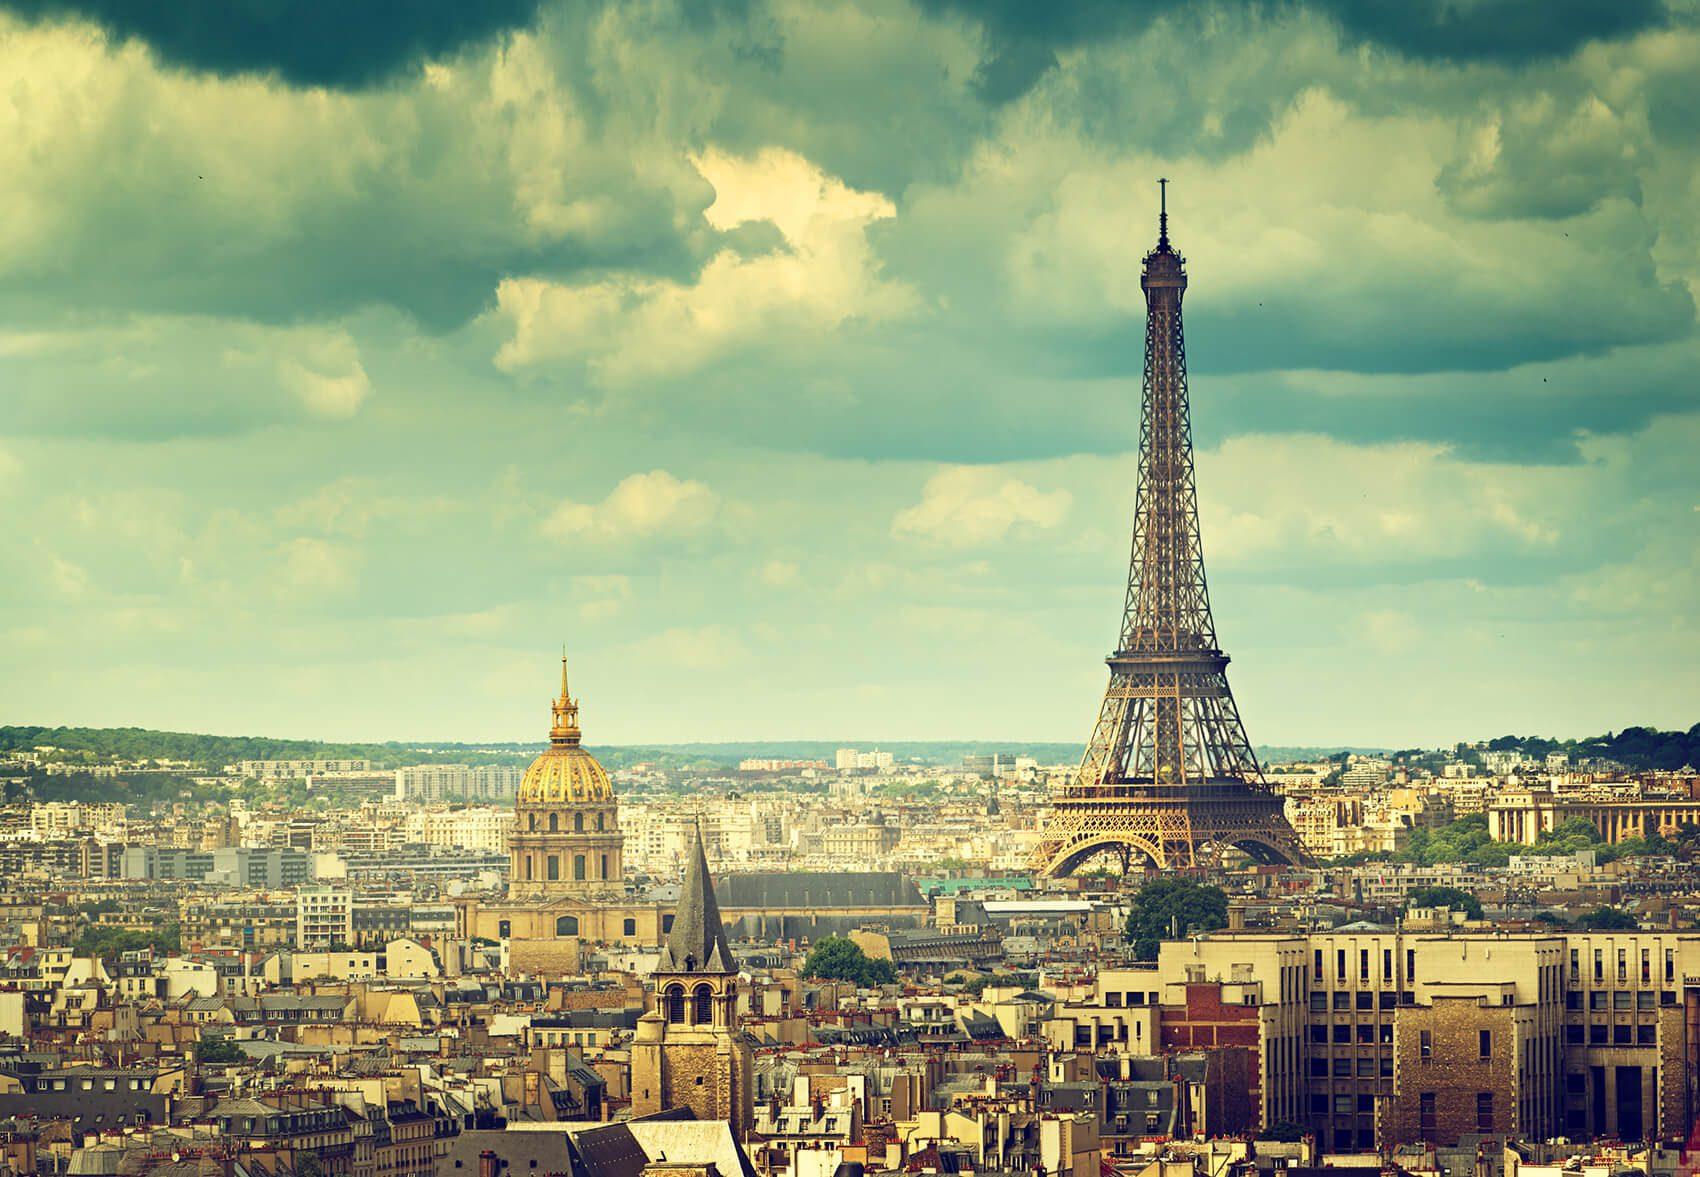 السياحة فى فرنسا: أفضل الأماكن السياحية التي يمكن زيارتها بفرنسا